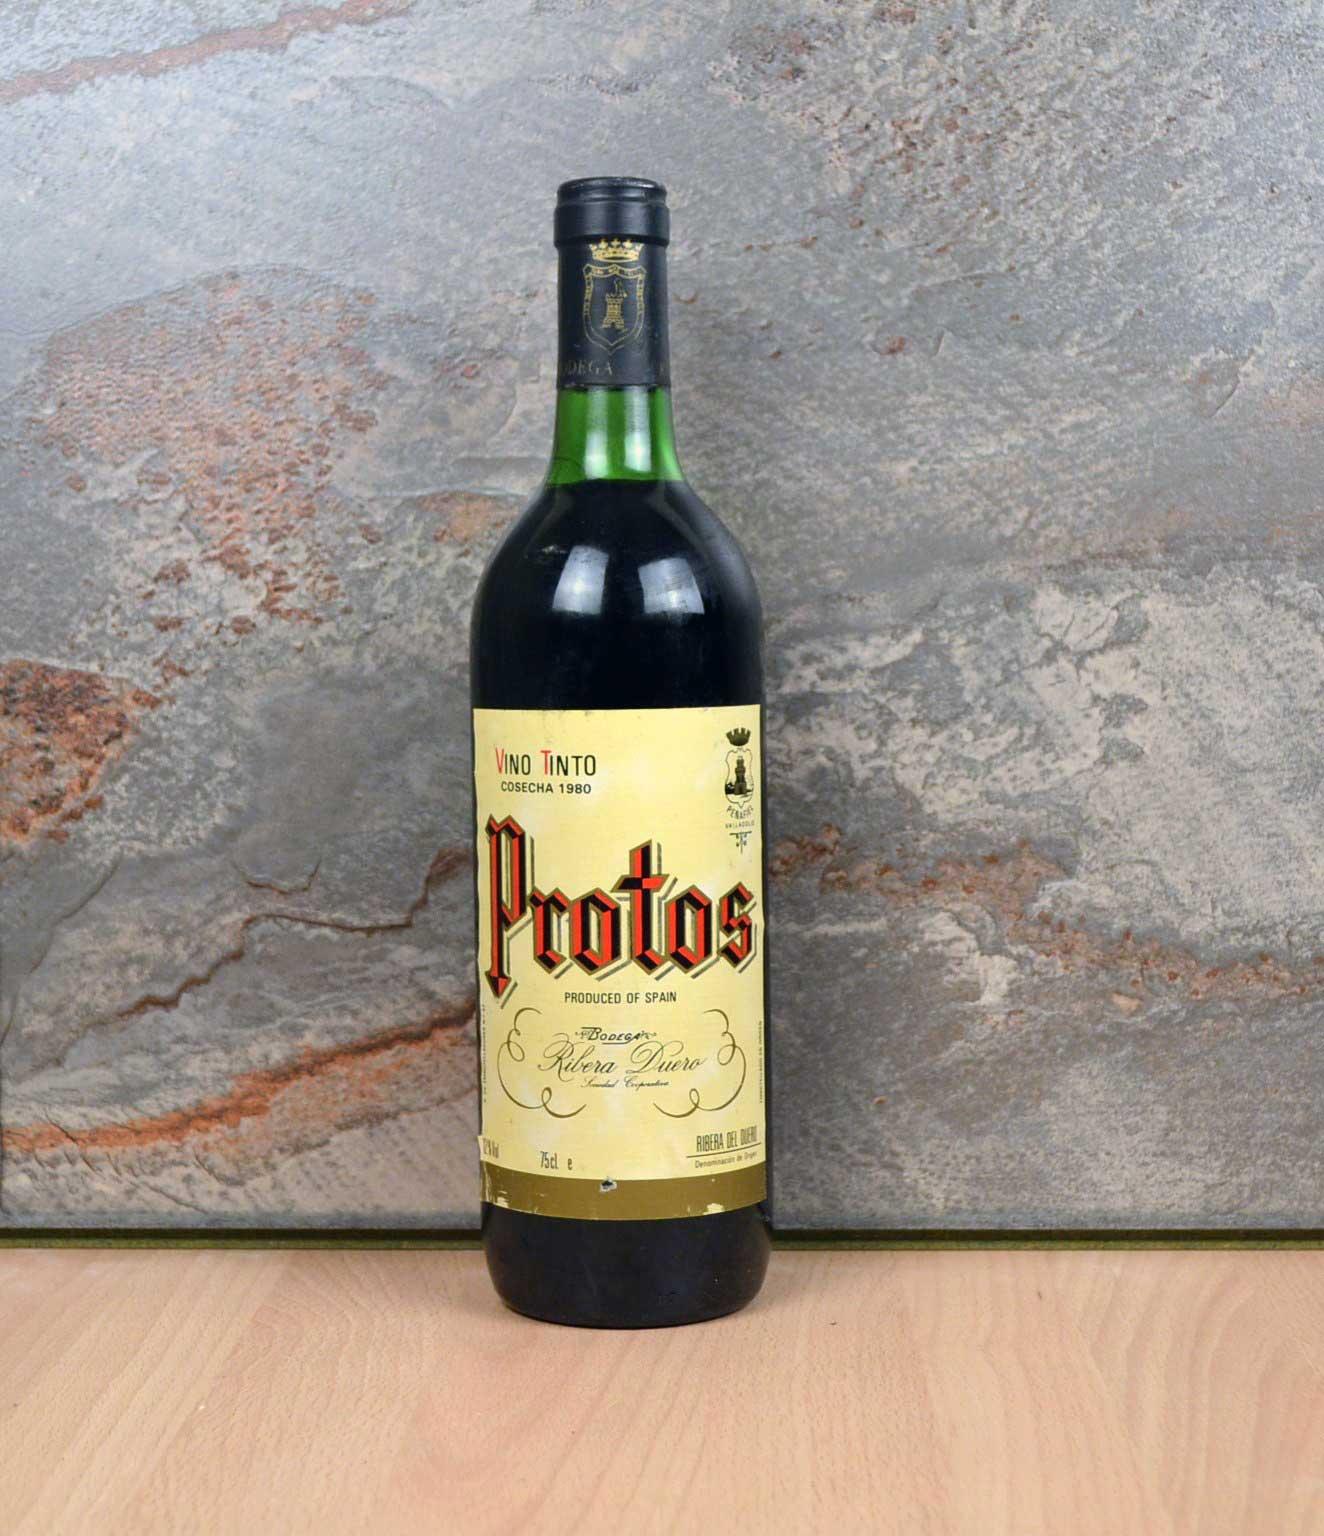 Protos 1980